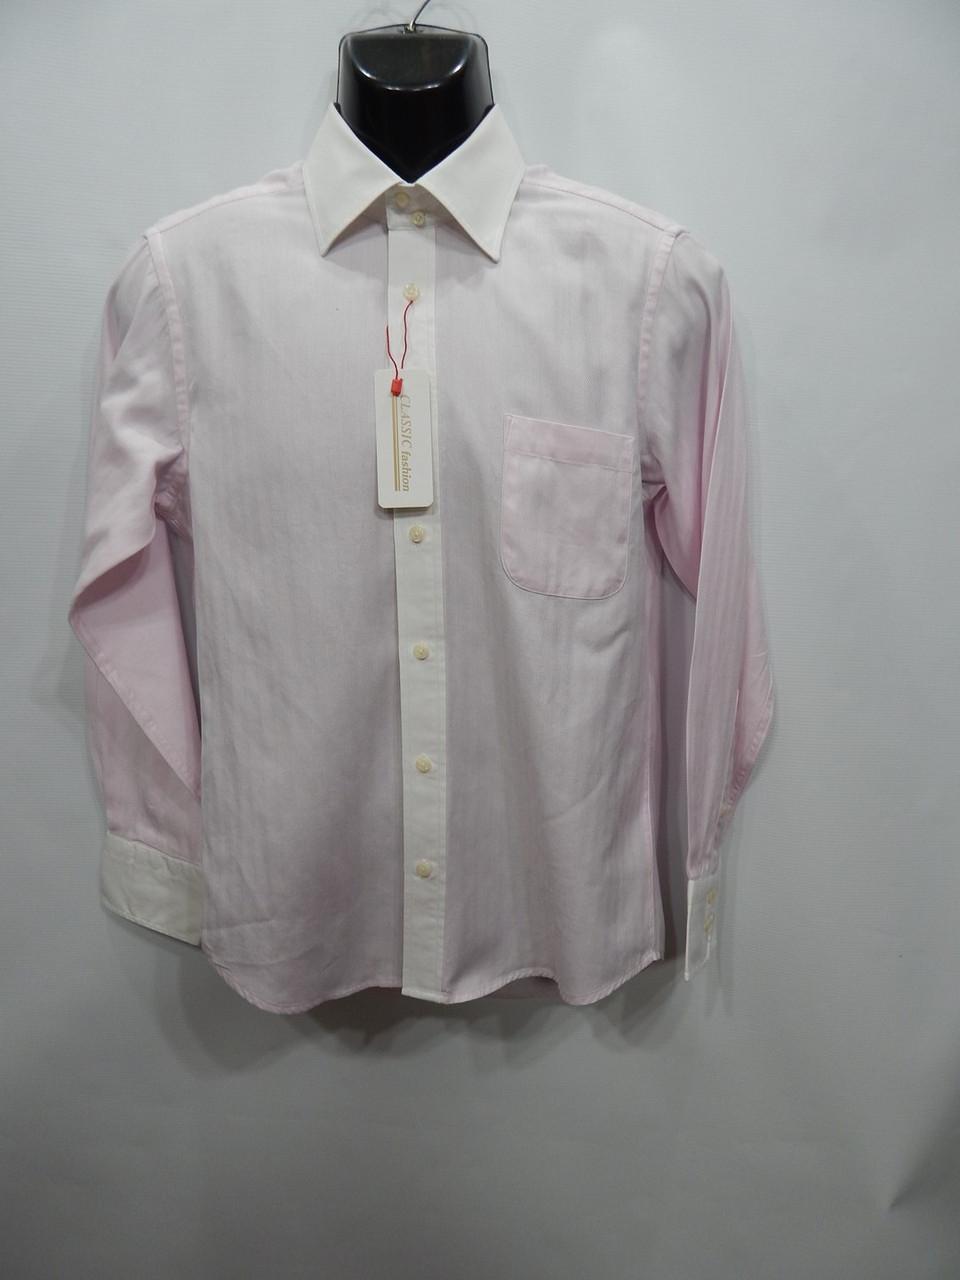 Мужская рубашка с длинным рукавом Royal Harex оригинал р.48-50 044ДР